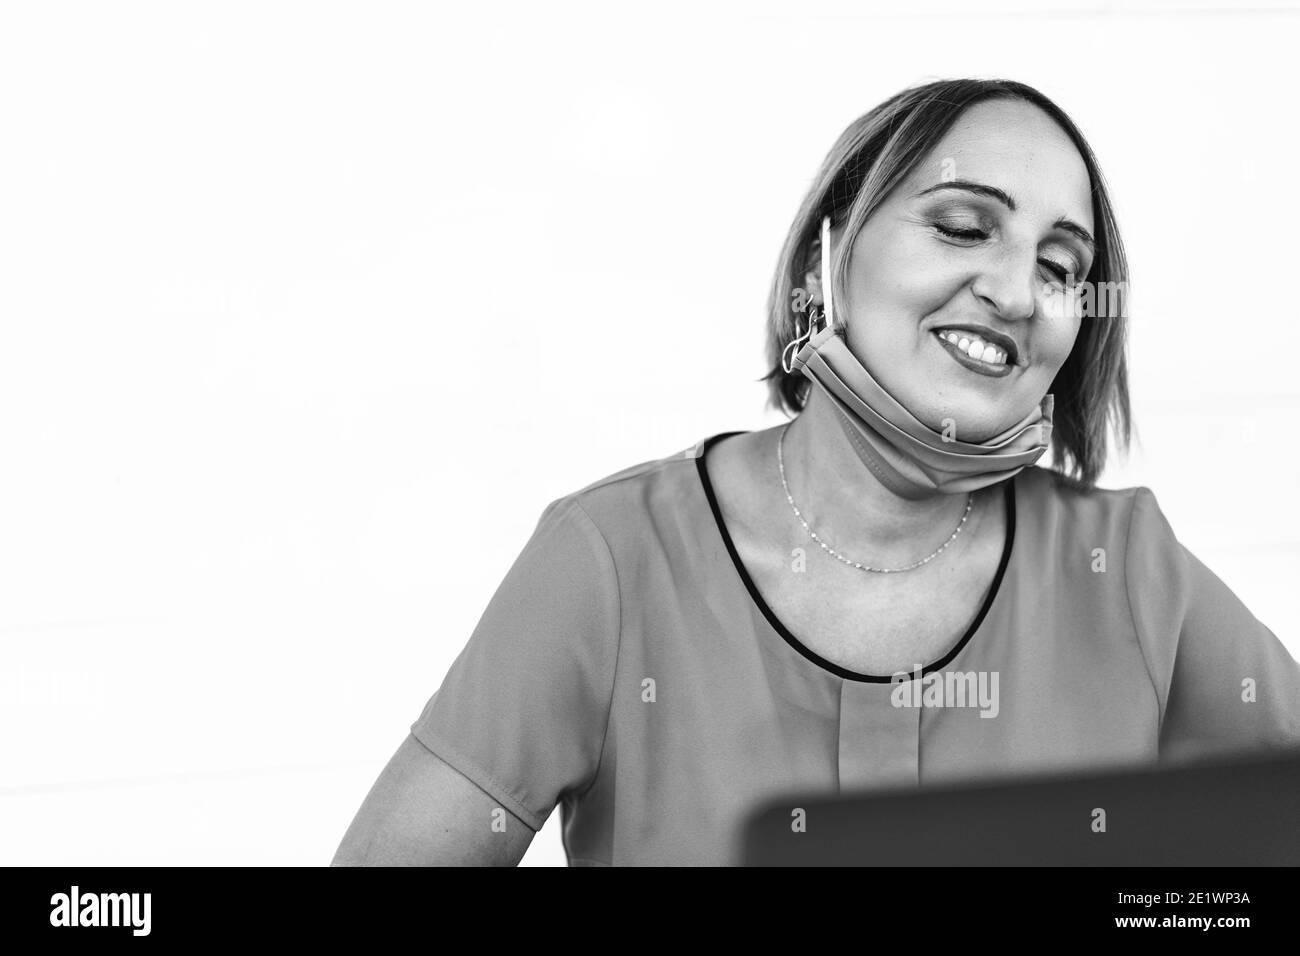 Femme souriante de 40 ans portant un masque de protection ouvert Utilisation d'un ordinateur portable à la fin de l'épidémie de coronavirus - Femme entrepreneur ou influenceur h Banque D'Images